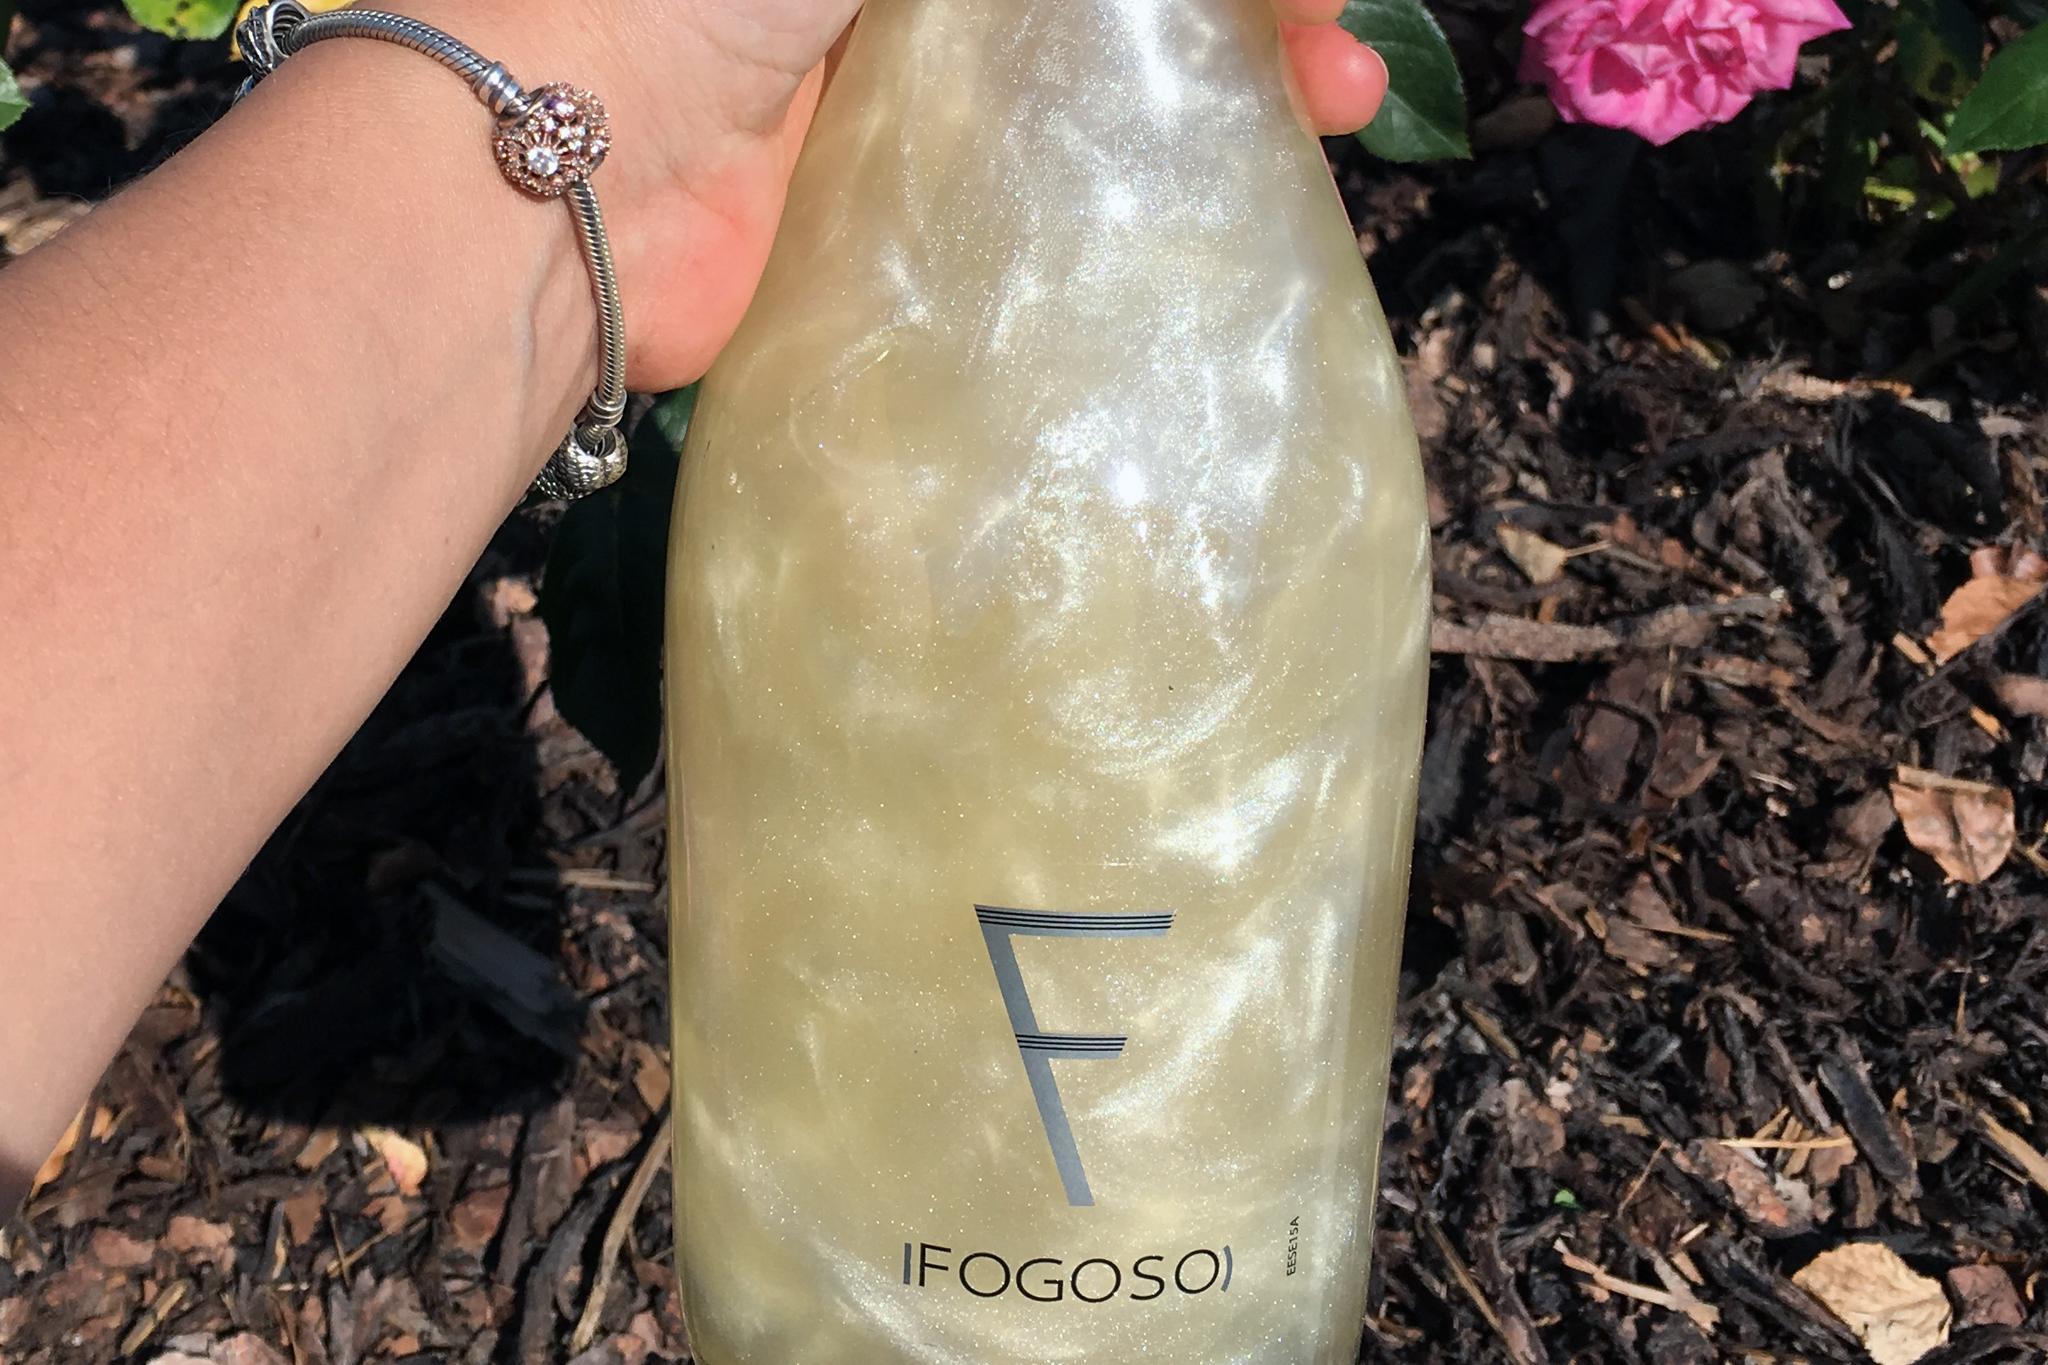 Za jak dlouho mi přijde Fogoso?